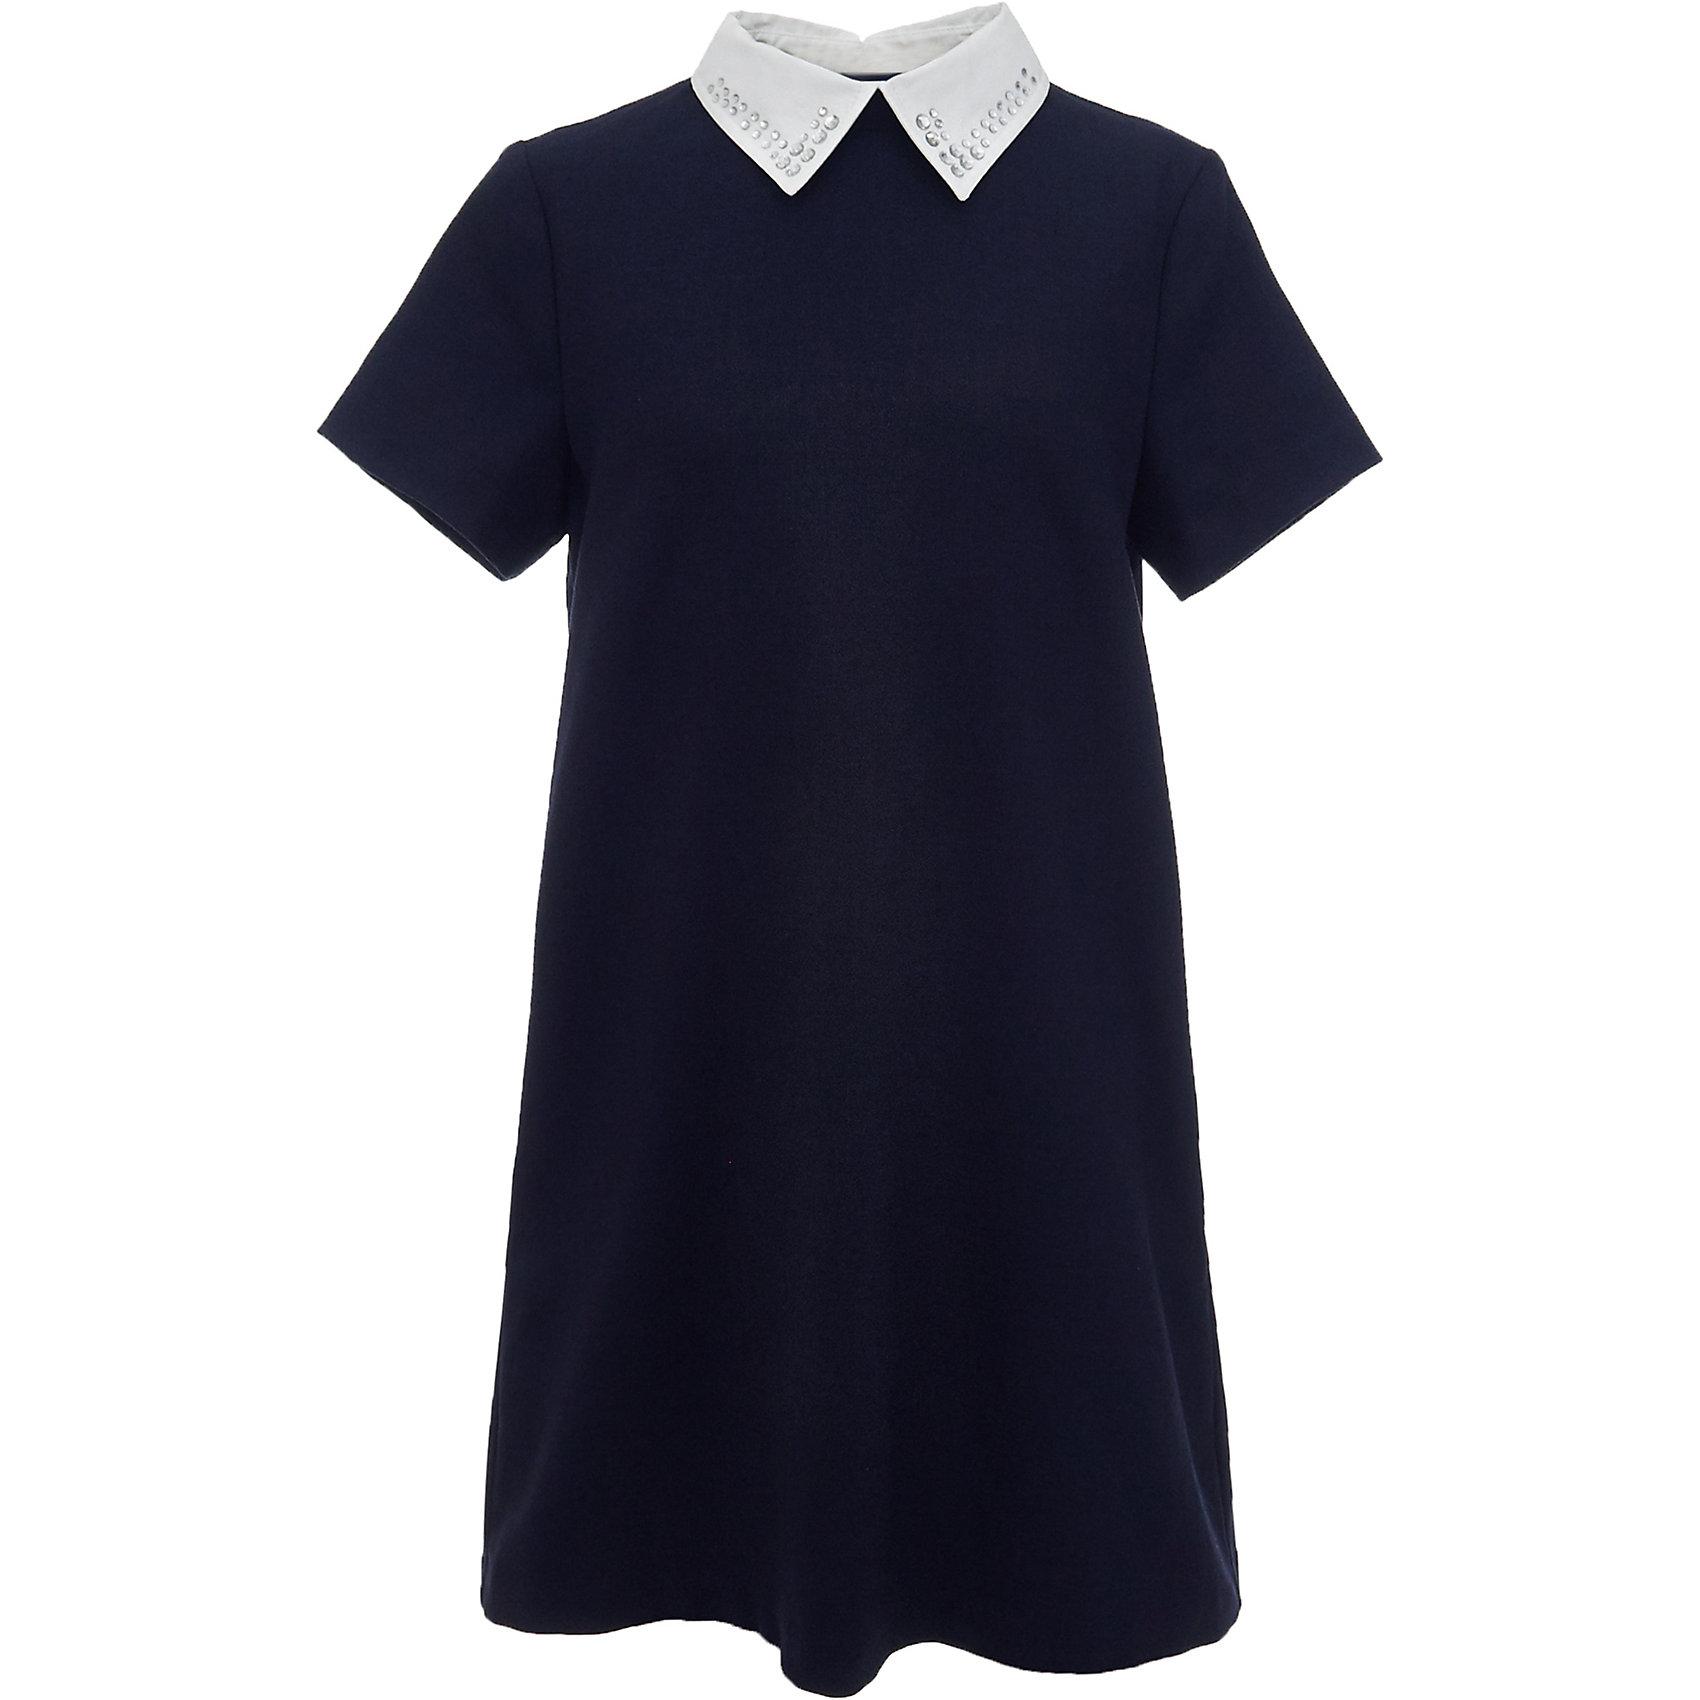 Платье для девочки GulliverПлатья и сарафаны<br>Характеристики товара:<br><br>• цвет: синий<br>• состав: 58% полиэстер, 31% вискоза, 10% шерсть, 1% эластан<br>• подкладка: 52% полиэстер, 48% вискоза <br>• застежка: молния<br>• с коротким рукавом<br>• отстегивающийся воротник со стразами<br>• карманы в боковых швах<br>• трапециевидный силуэт<br>• особенности: школьное, строгое<br>• страна бренда: Российская Федерация<br>• страна производства: Российская Федерация<br><br>Школьное платье с коротким рукавом для девочки. Строго синее платье застгивается на молнию на спине. Два кармана в боковых швах. Платье декорировано съемным белым воротничком со стразами. <br><br>Платье для девочки Gulliver (Гулливер) можно купить в нашем интернет-магазине.<br><br>Ширина мм: 236<br>Глубина мм: 16<br>Высота мм: 184<br>Вес г: 177<br>Цвет: синий<br>Возраст от месяцев: 168<br>Возраст до месяцев: 180<br>Пол: Женский<br>Возраст: Детский<br>Размер: 170,122,128,134,140,146,152,158,164<br>SKU: 6678826